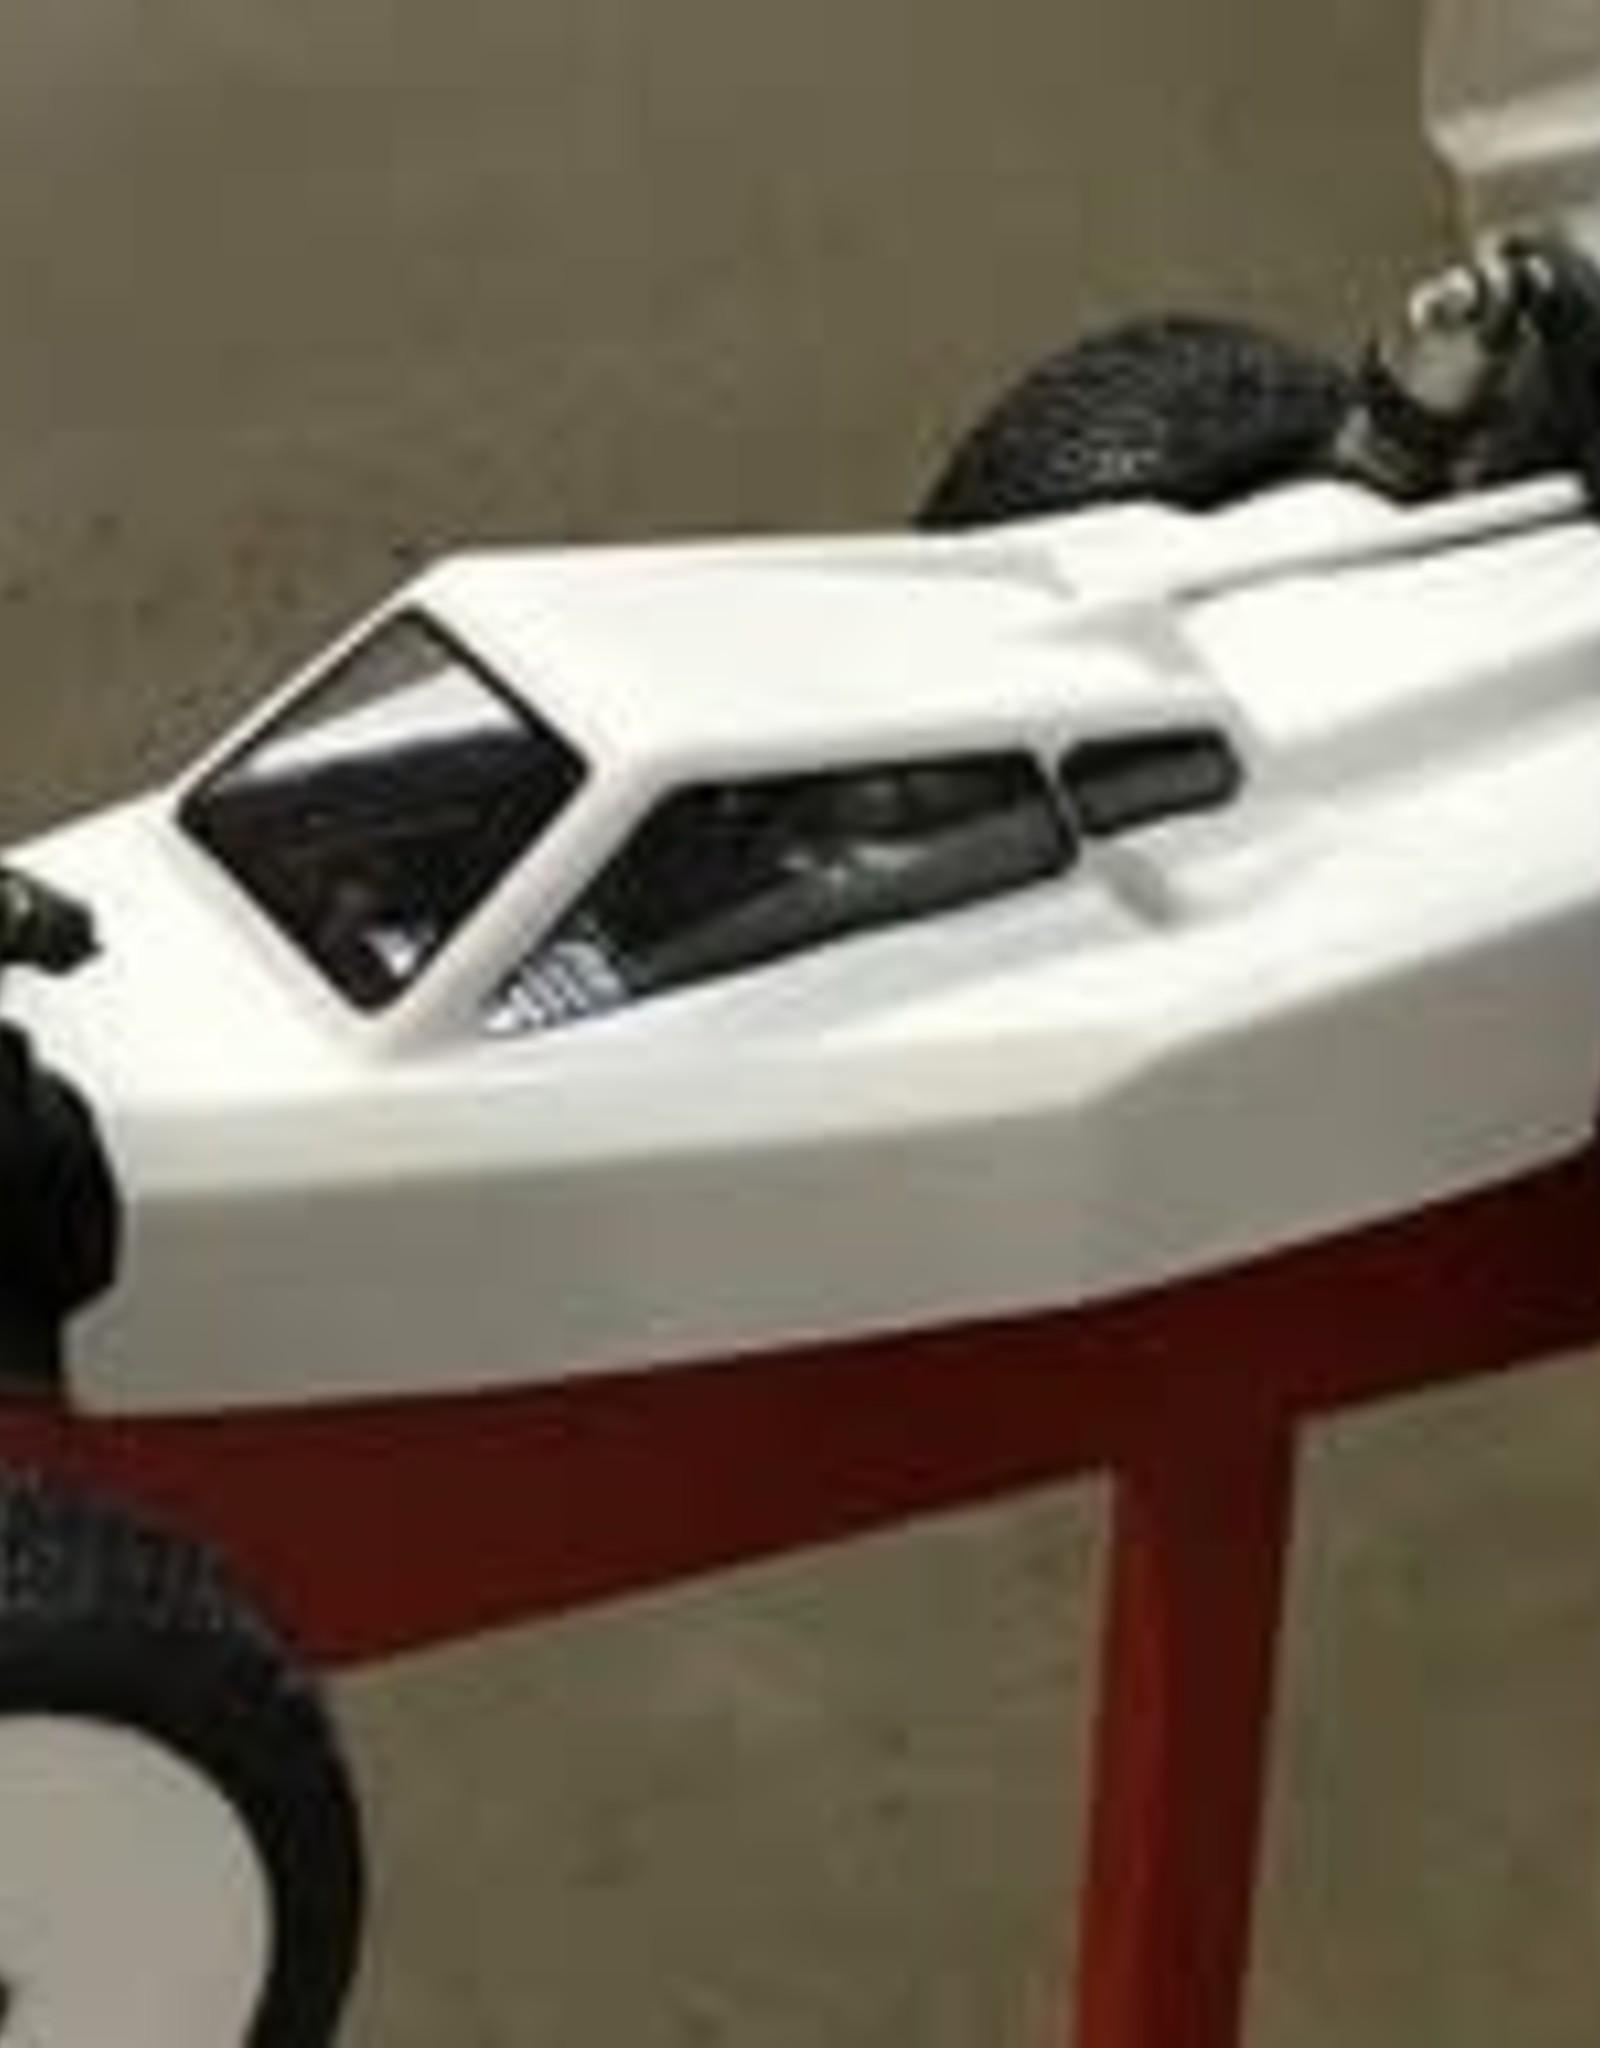 Raw Speed Nitehawk 1/10 Buggy Body TLR 22 4.0/5.0 (Lightweight)  RWS780202LW